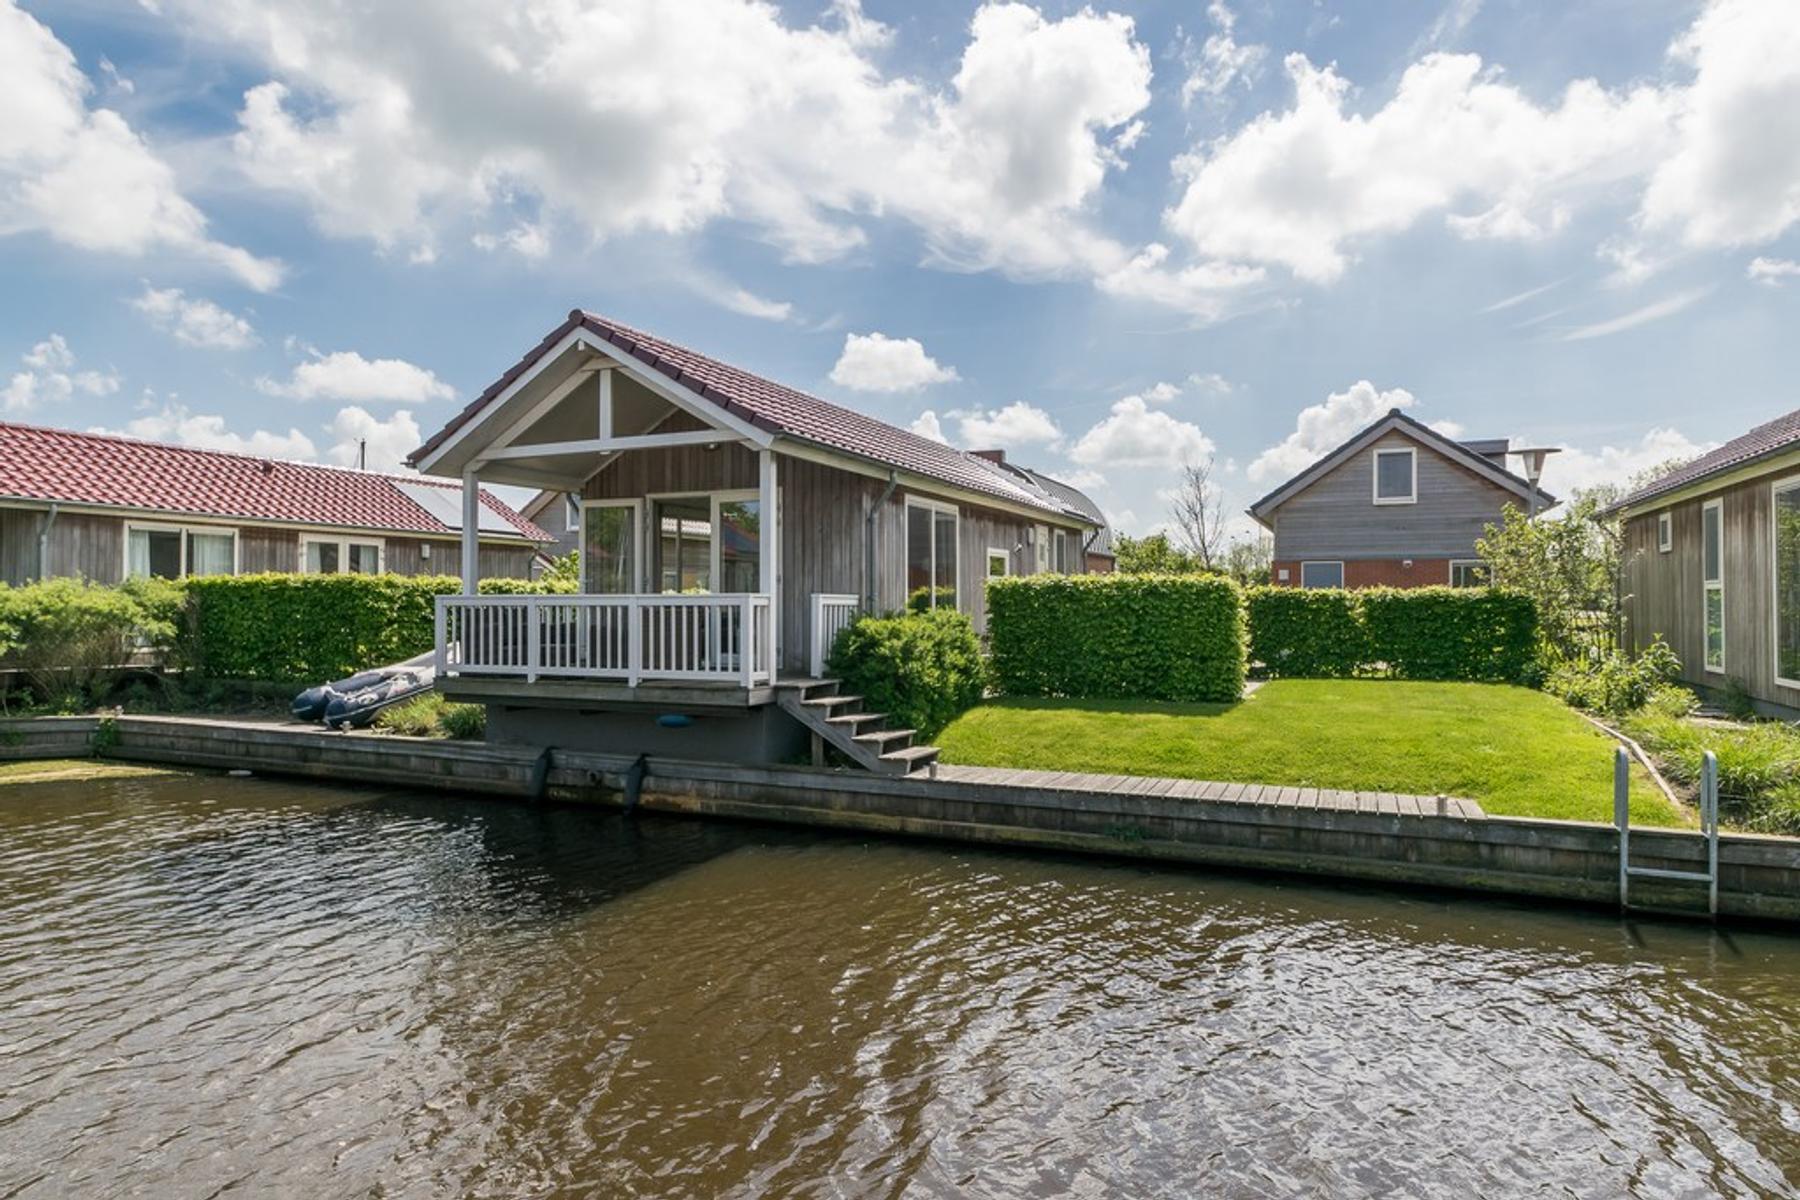 Ljouwerterdyk 63 12 in akkrum 8491 ml woonhuis te koop for Huizen te koop friesland